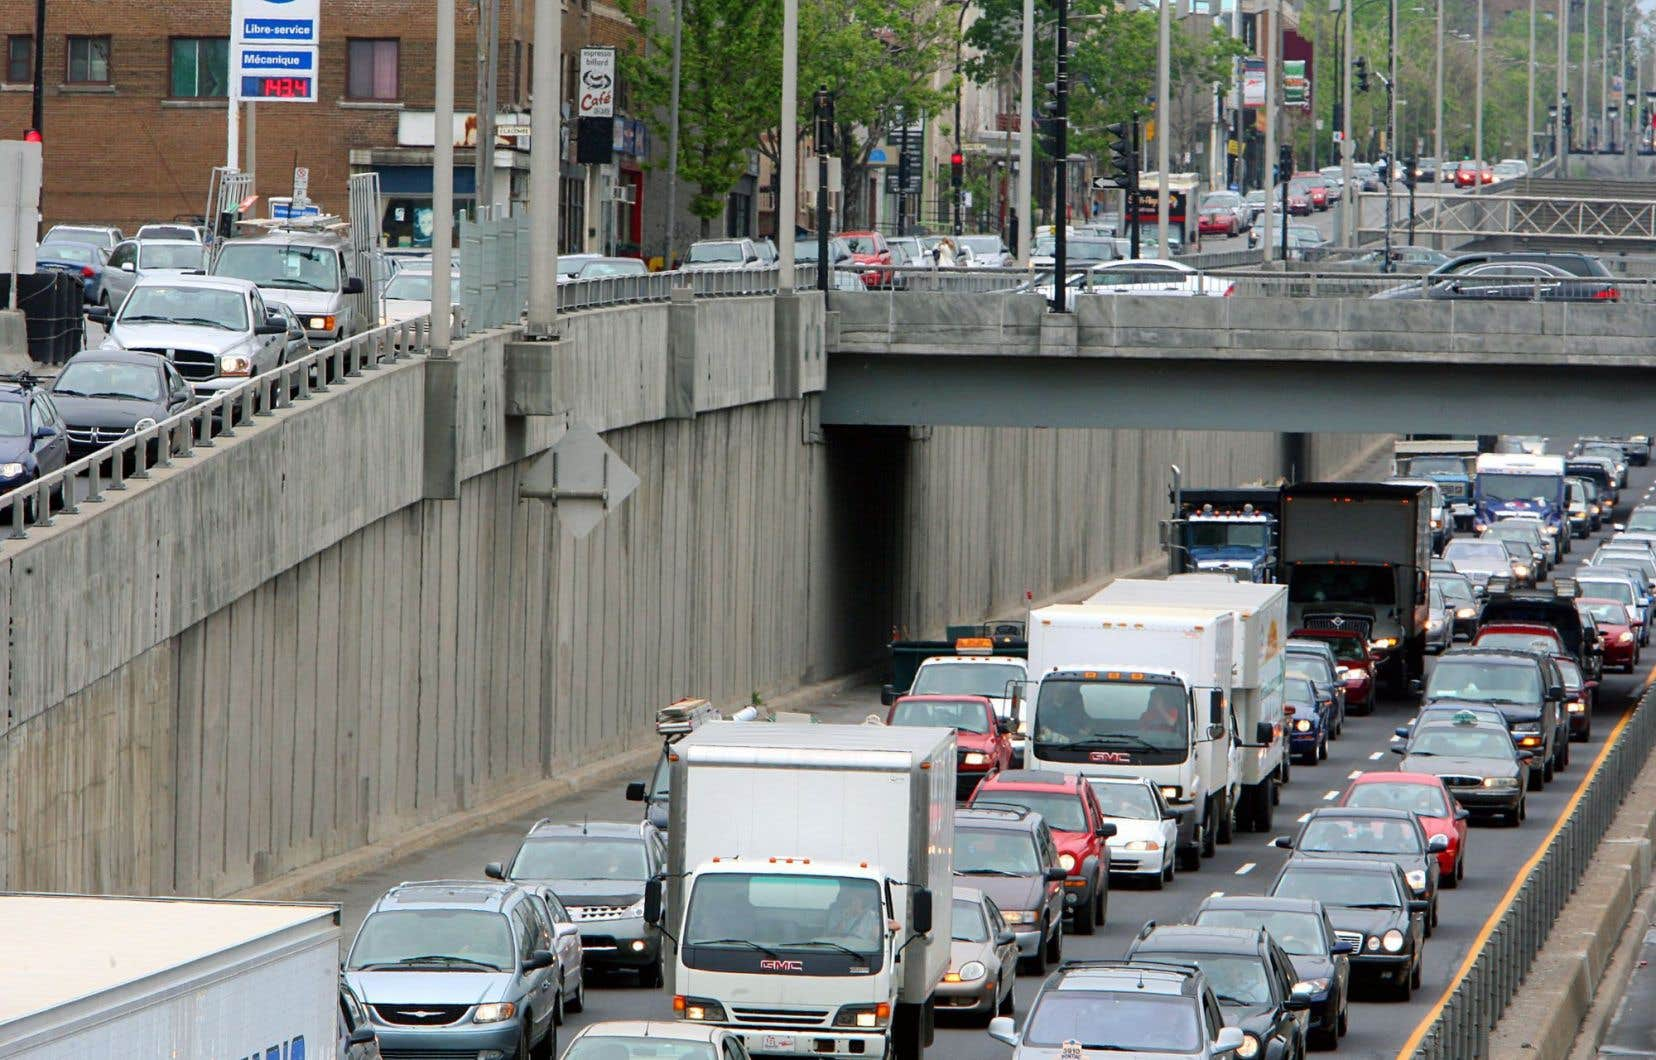 Dans la région du Grand Montréal, la mise en place de services de « micro-transit » dans des secteurs à faible densité ou encore déployés, au besoin, en fonction de la demande, pourrait inciter près de 75 000 automobilistes — soit 5 % de ceux qui choisissent ce mode de transport au quotidien — à troquer leur véhicule individuel pour des navettes partagées.